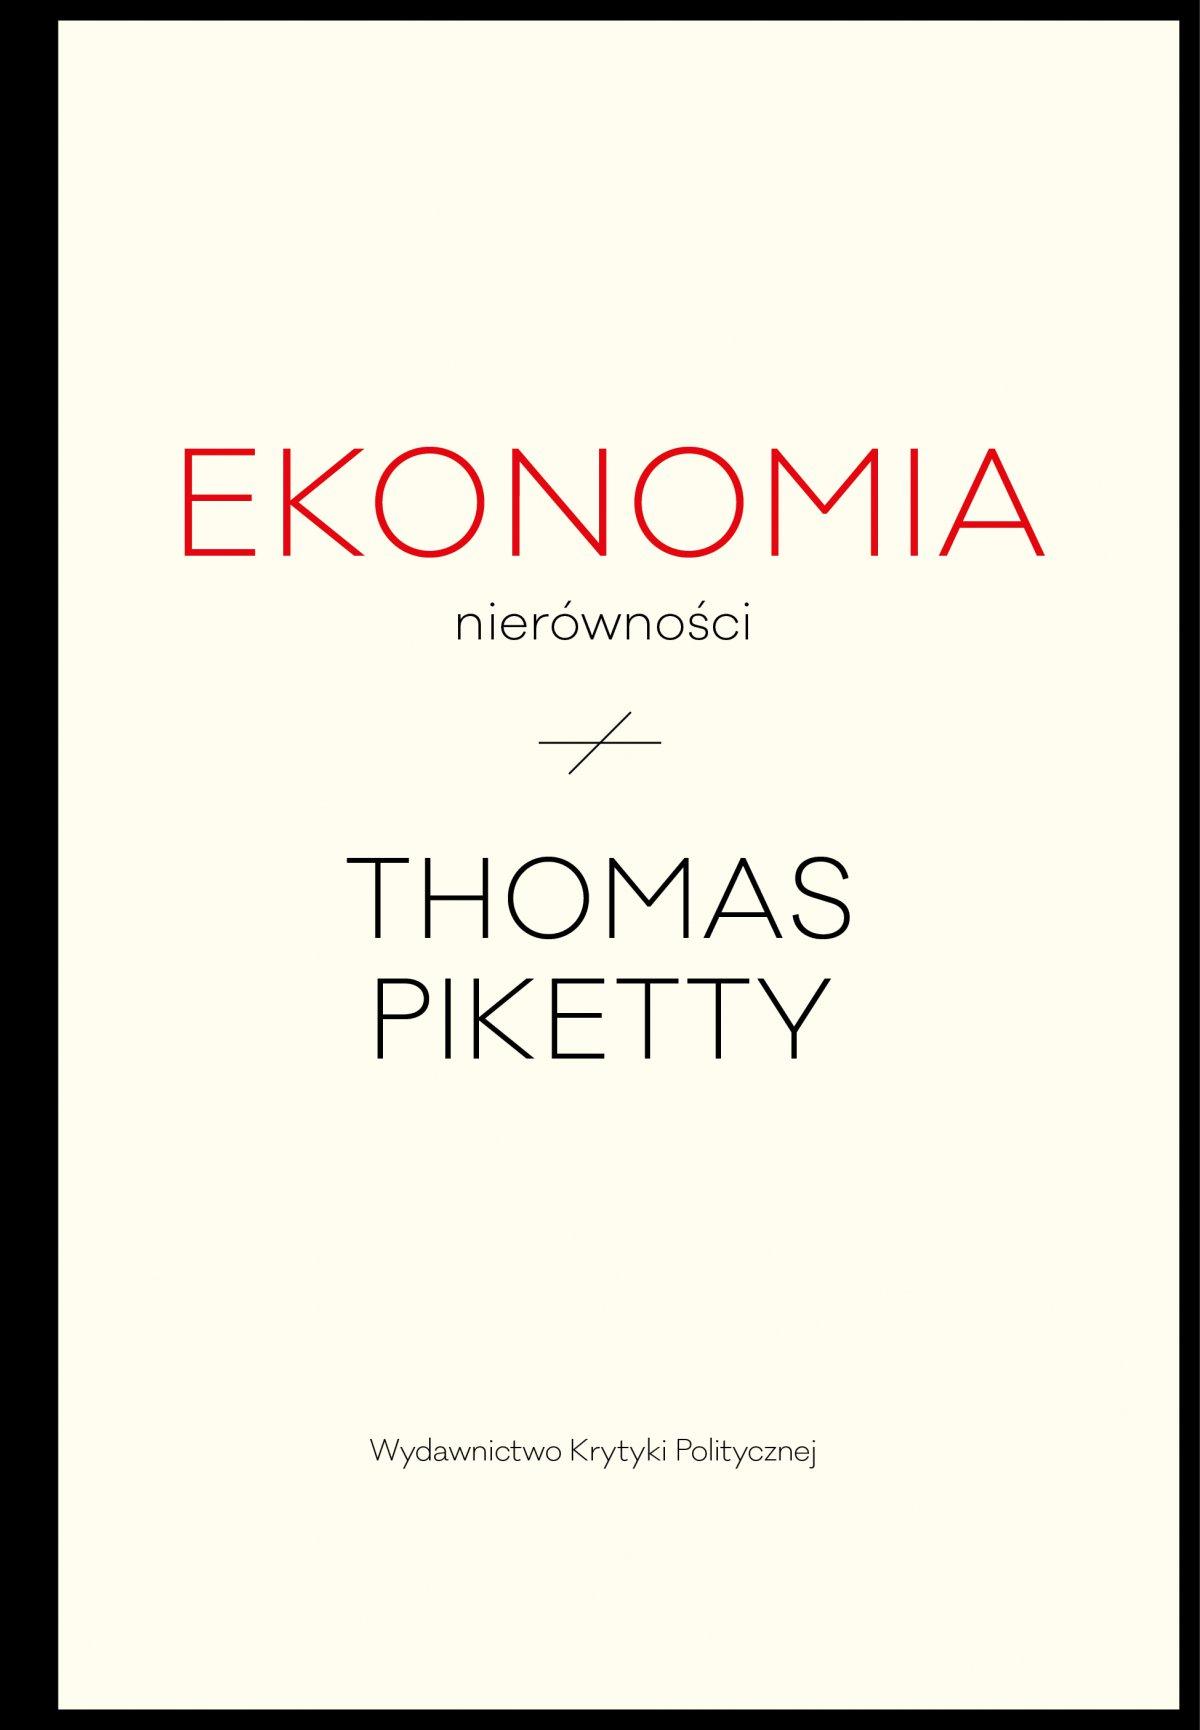 Ekonomia nierówności - Ebook (Książka na Kindle) do pobrania w formacie MOBI